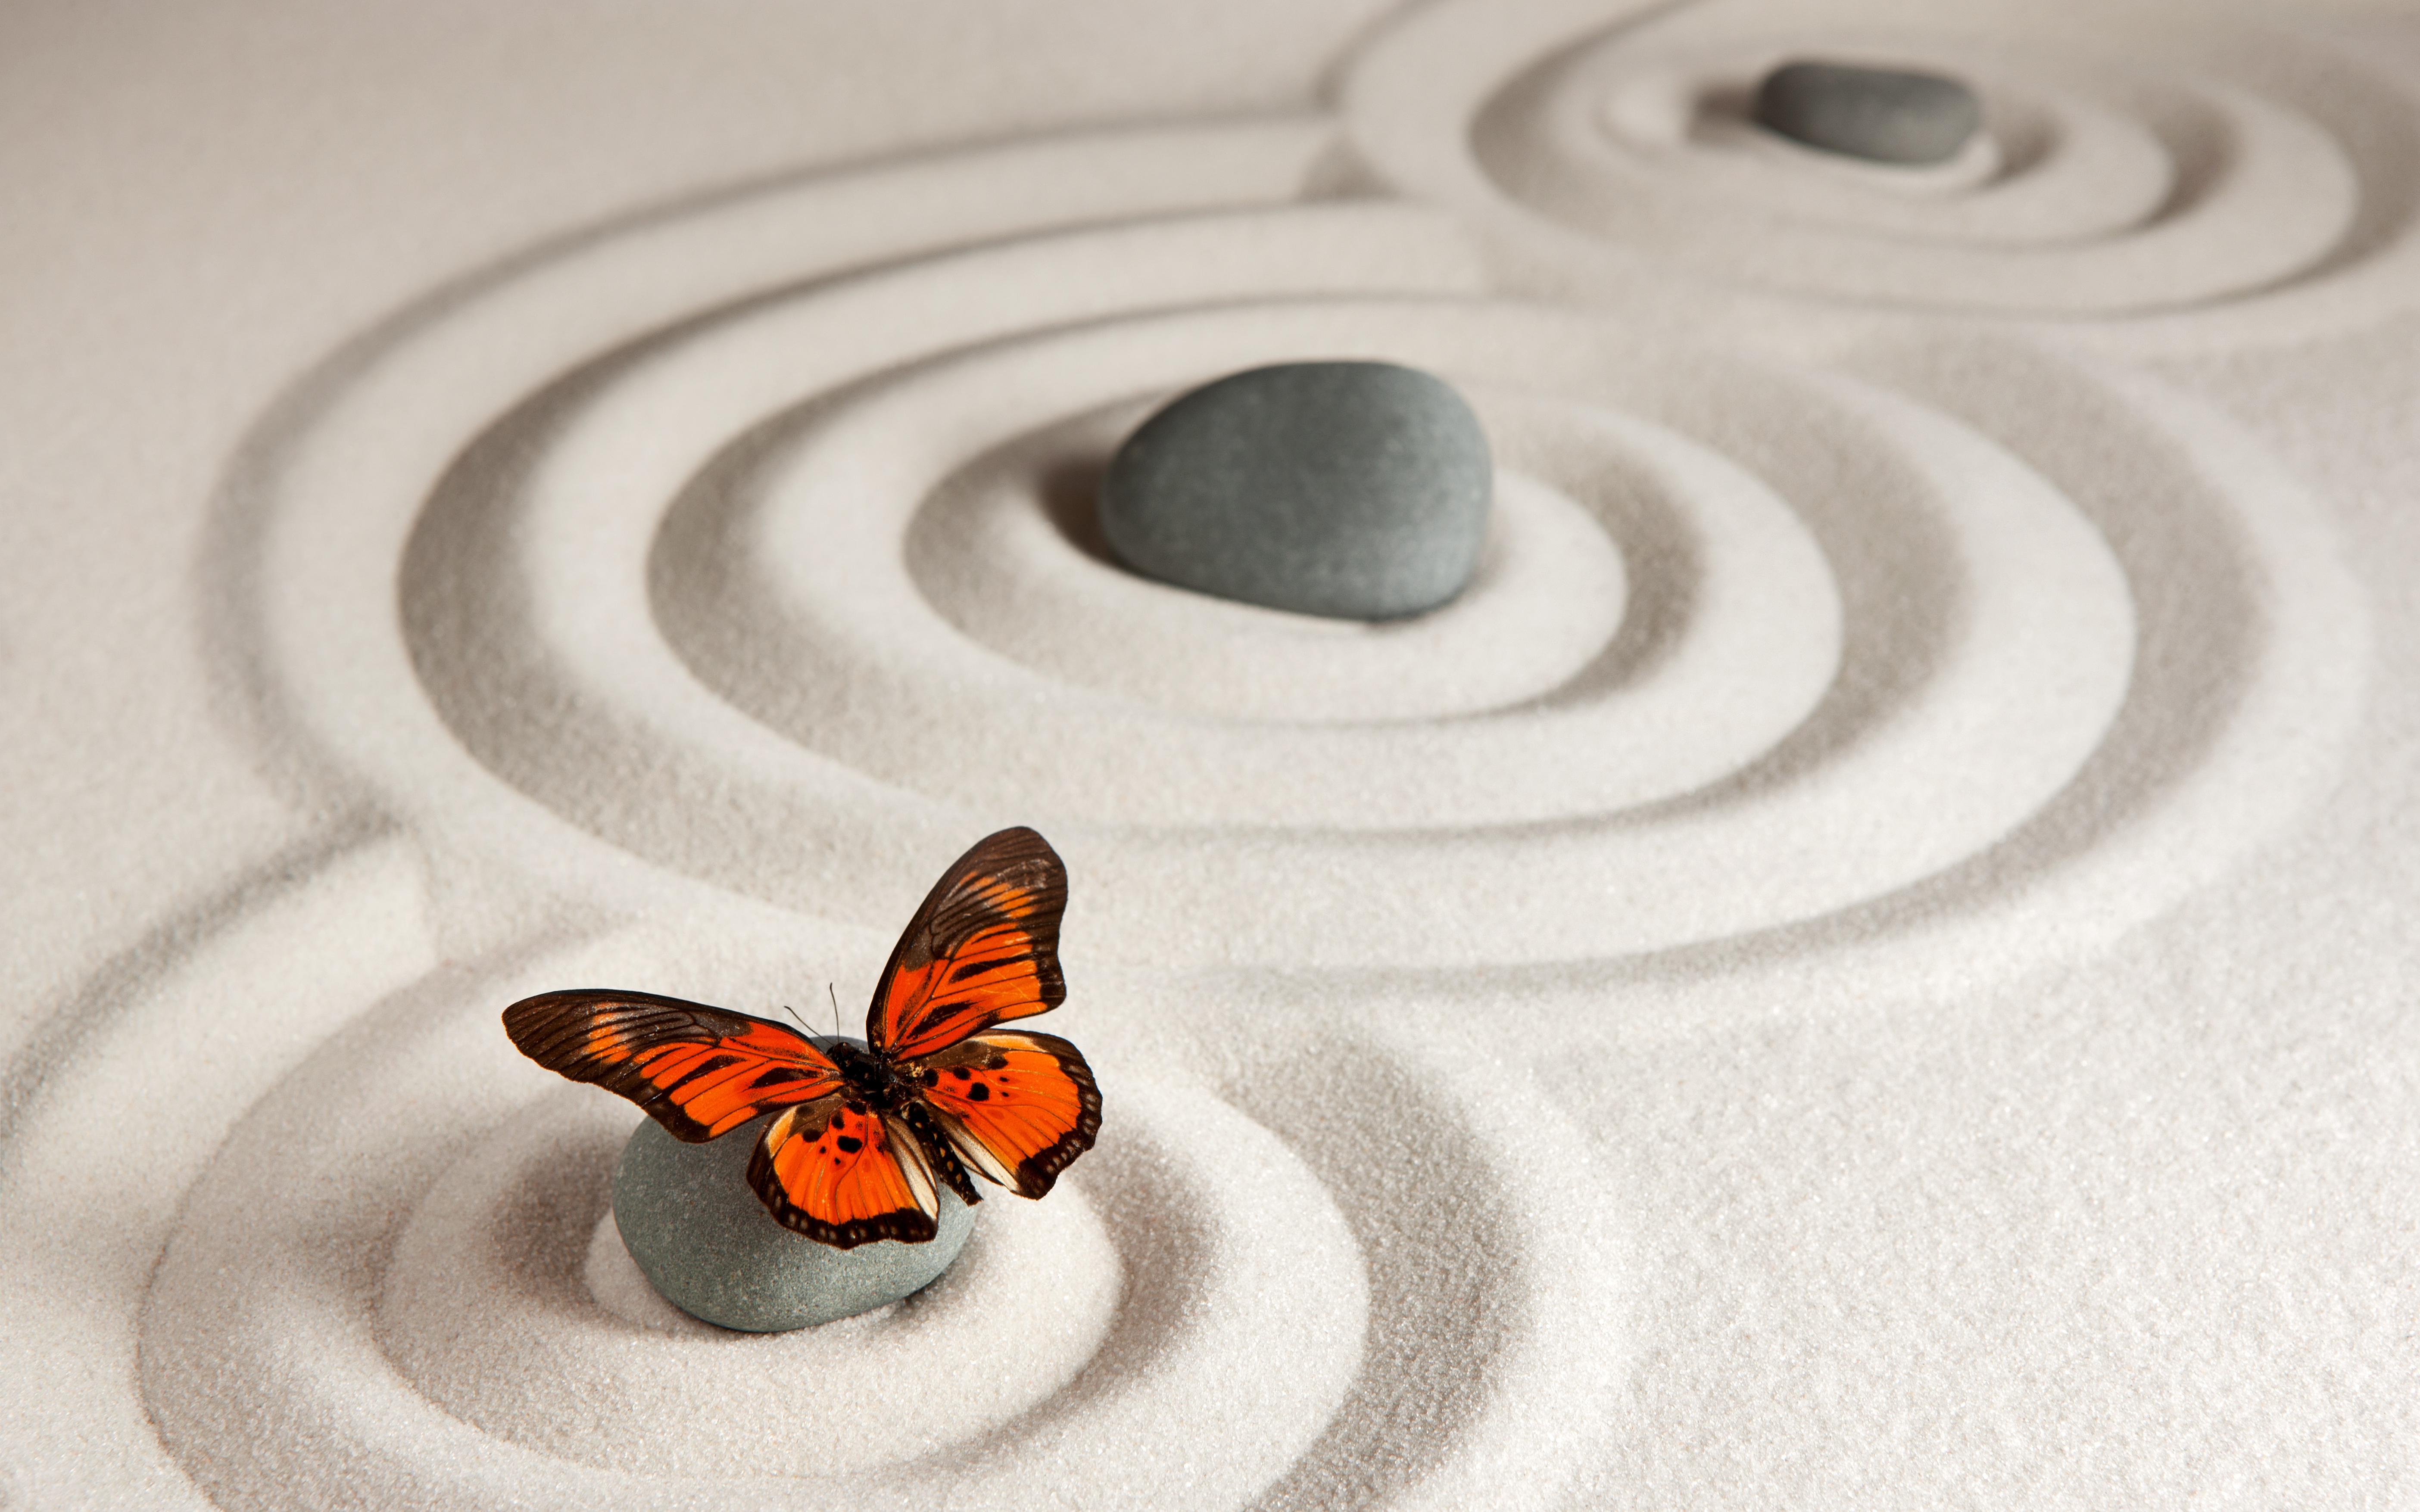 蝴蝶图片 4K高清壁纸 动物壁纸-第2张